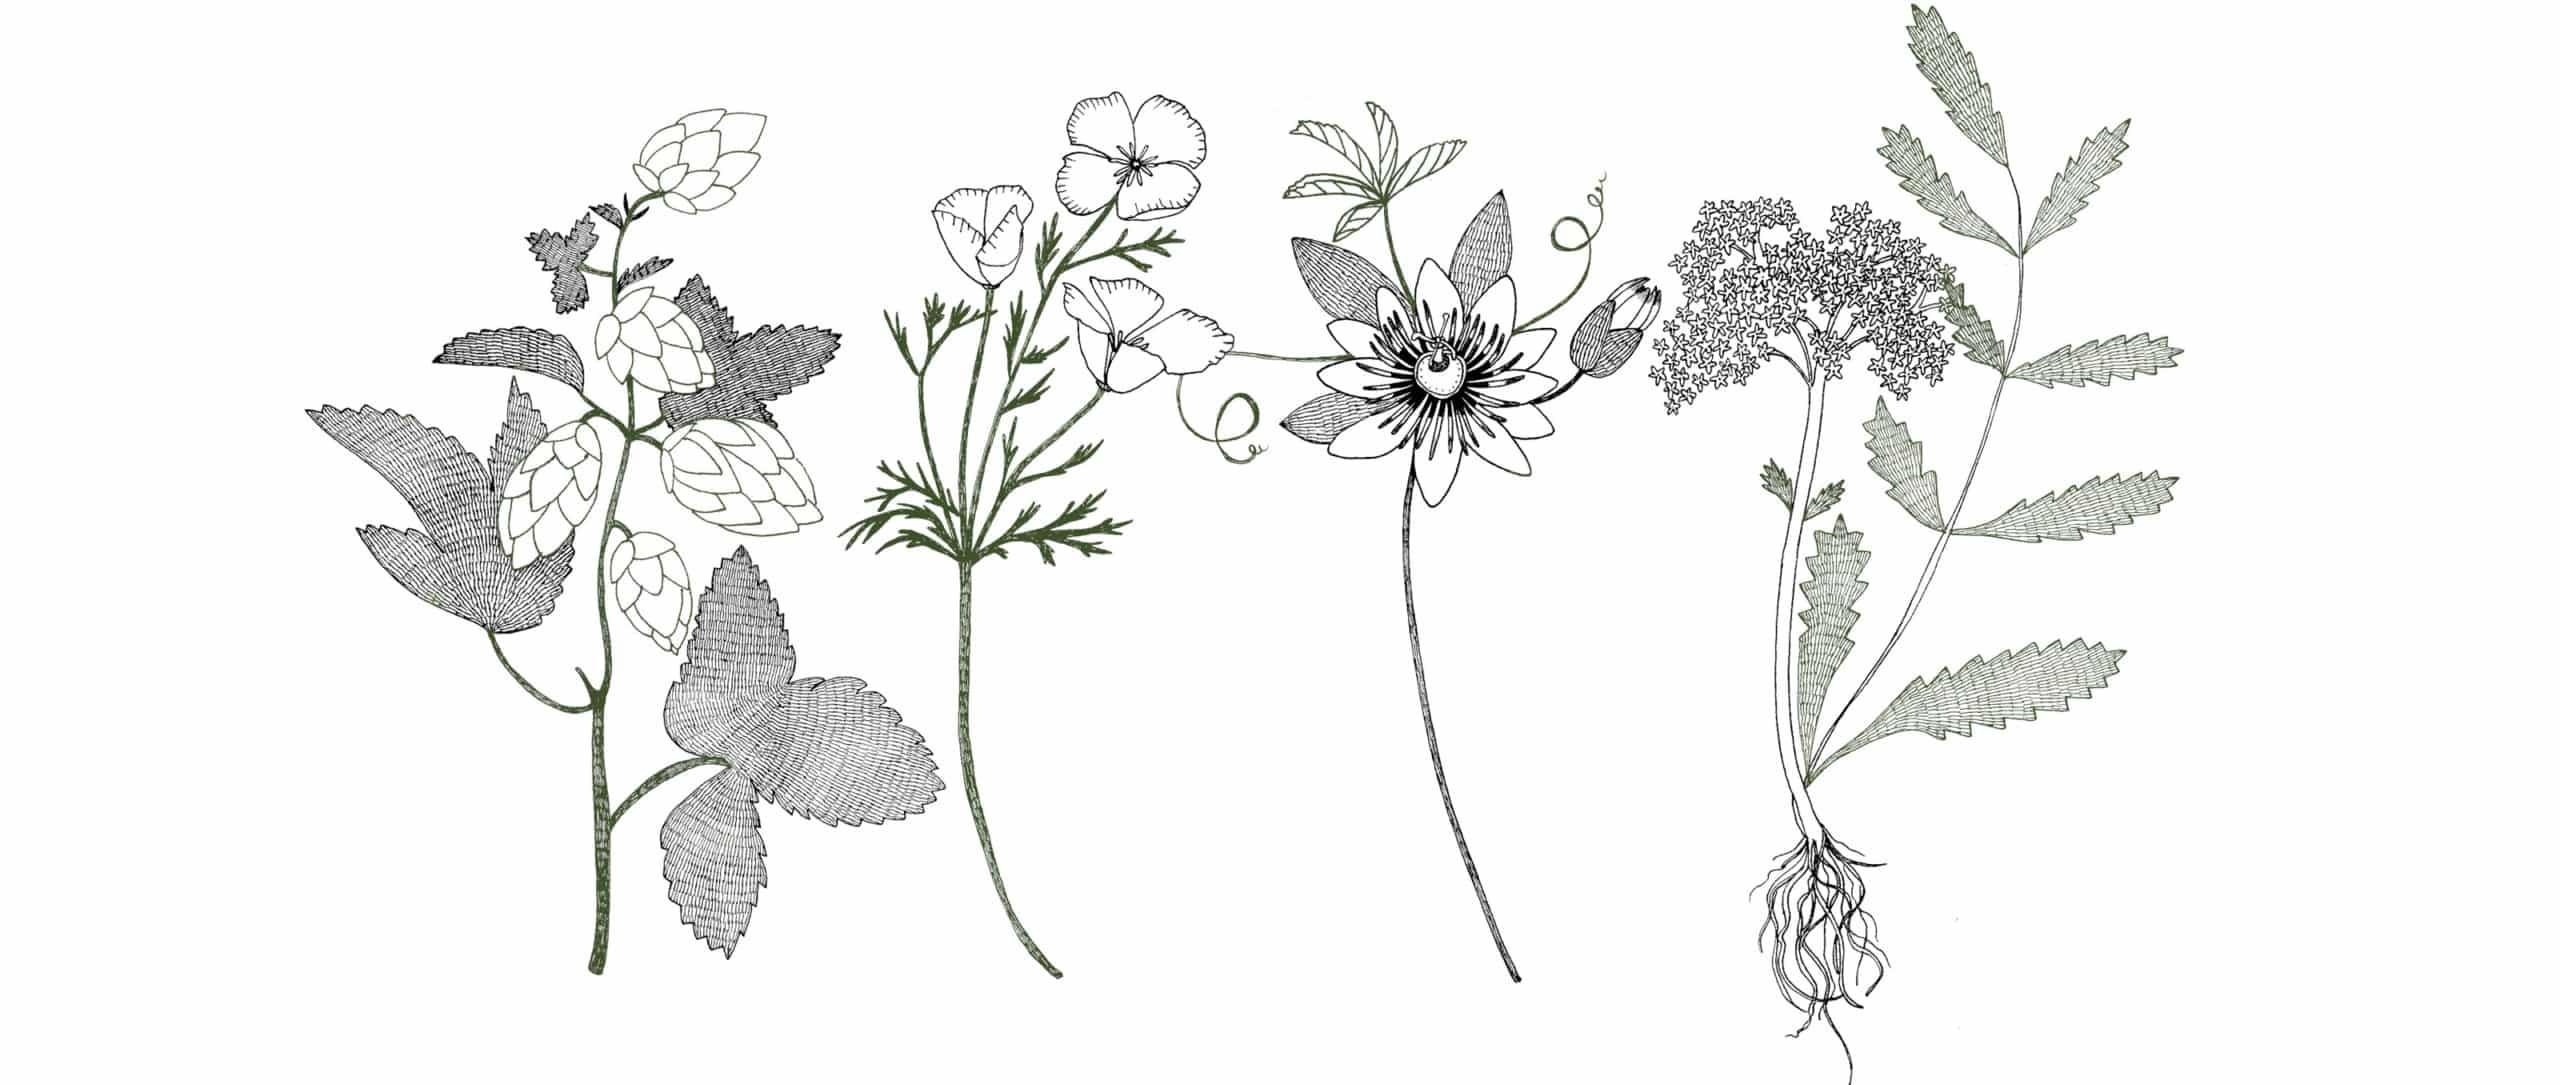 Illustrations des plantes (Houblon, Passiflore, Escholtzia et Valériane) contenues dans le complément alimentaire sommeil.